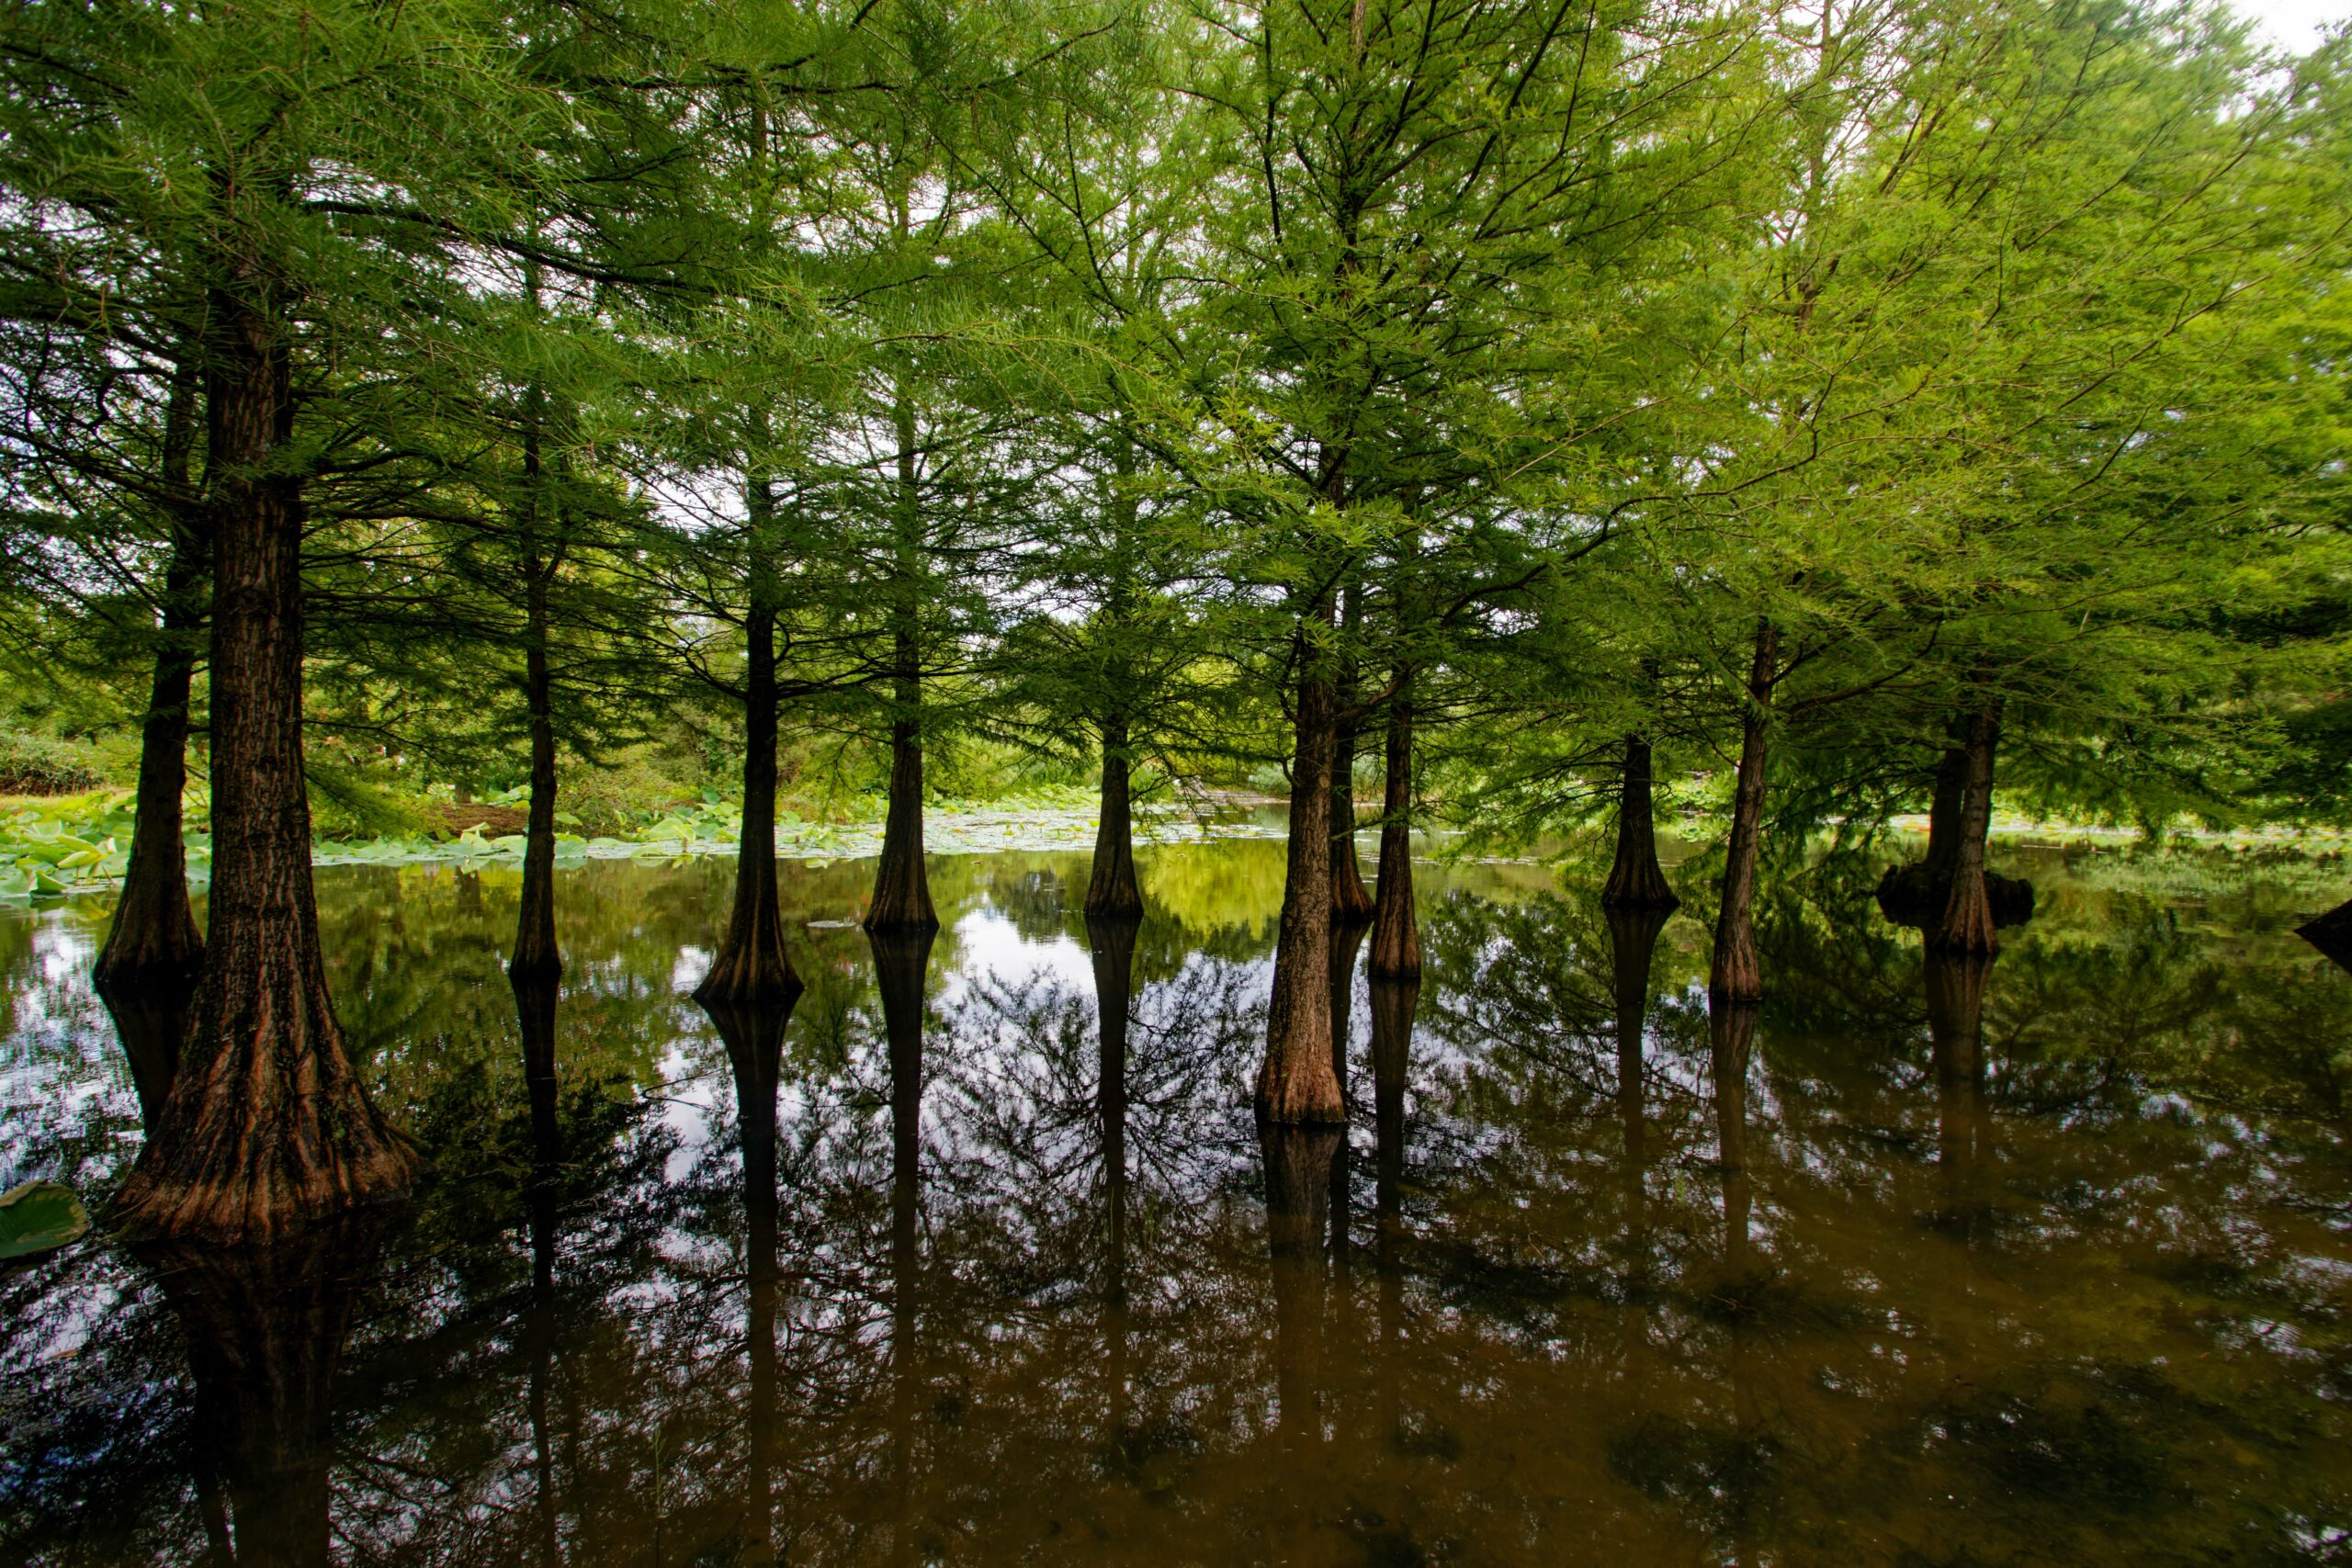 Bodo Jarren- Arboretum Ellerhoop 03.08.2021 - Wasserwald